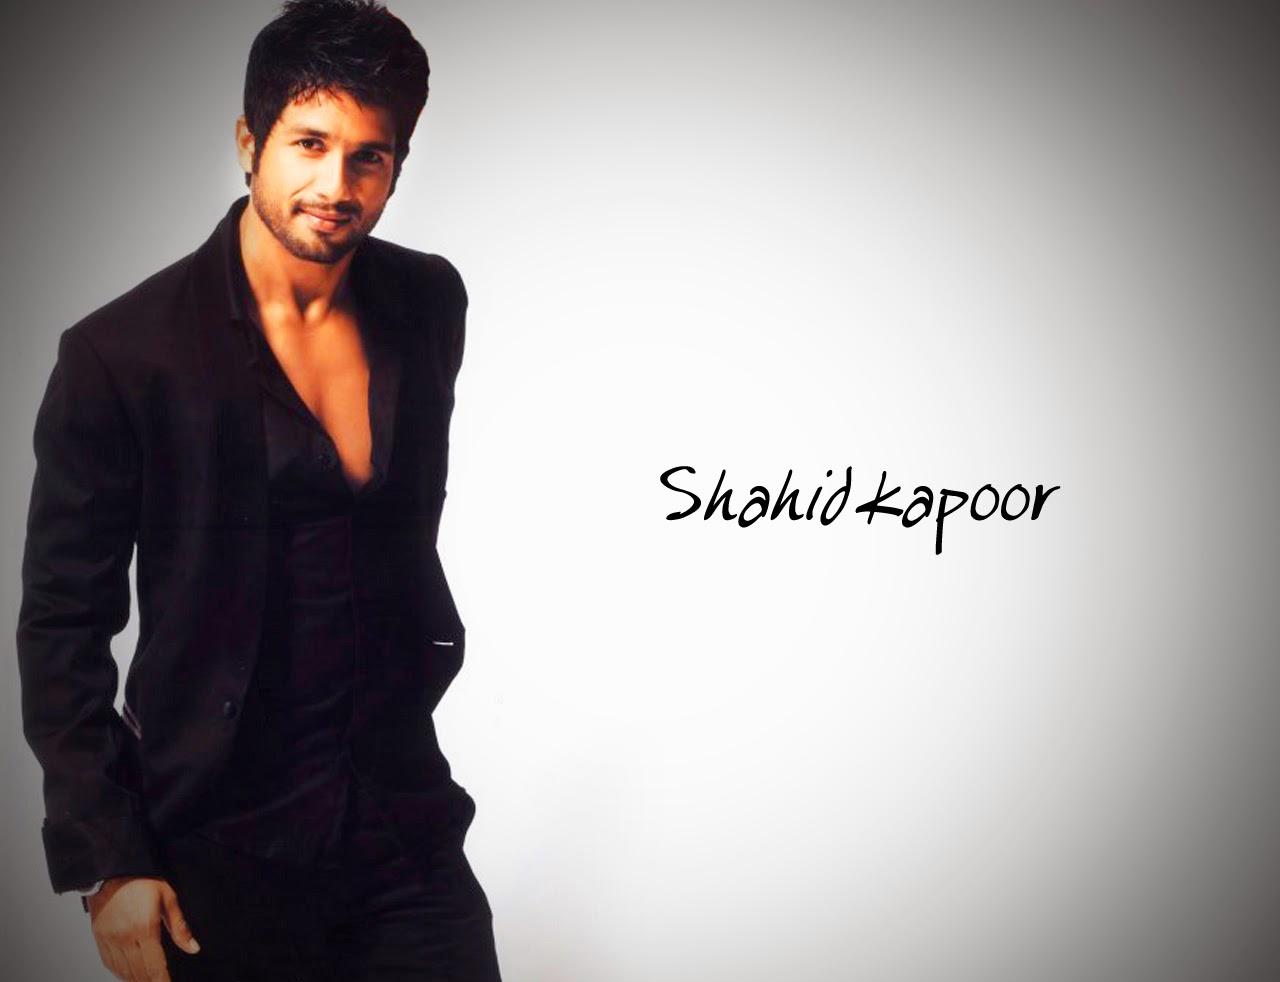 shahid kapoor age